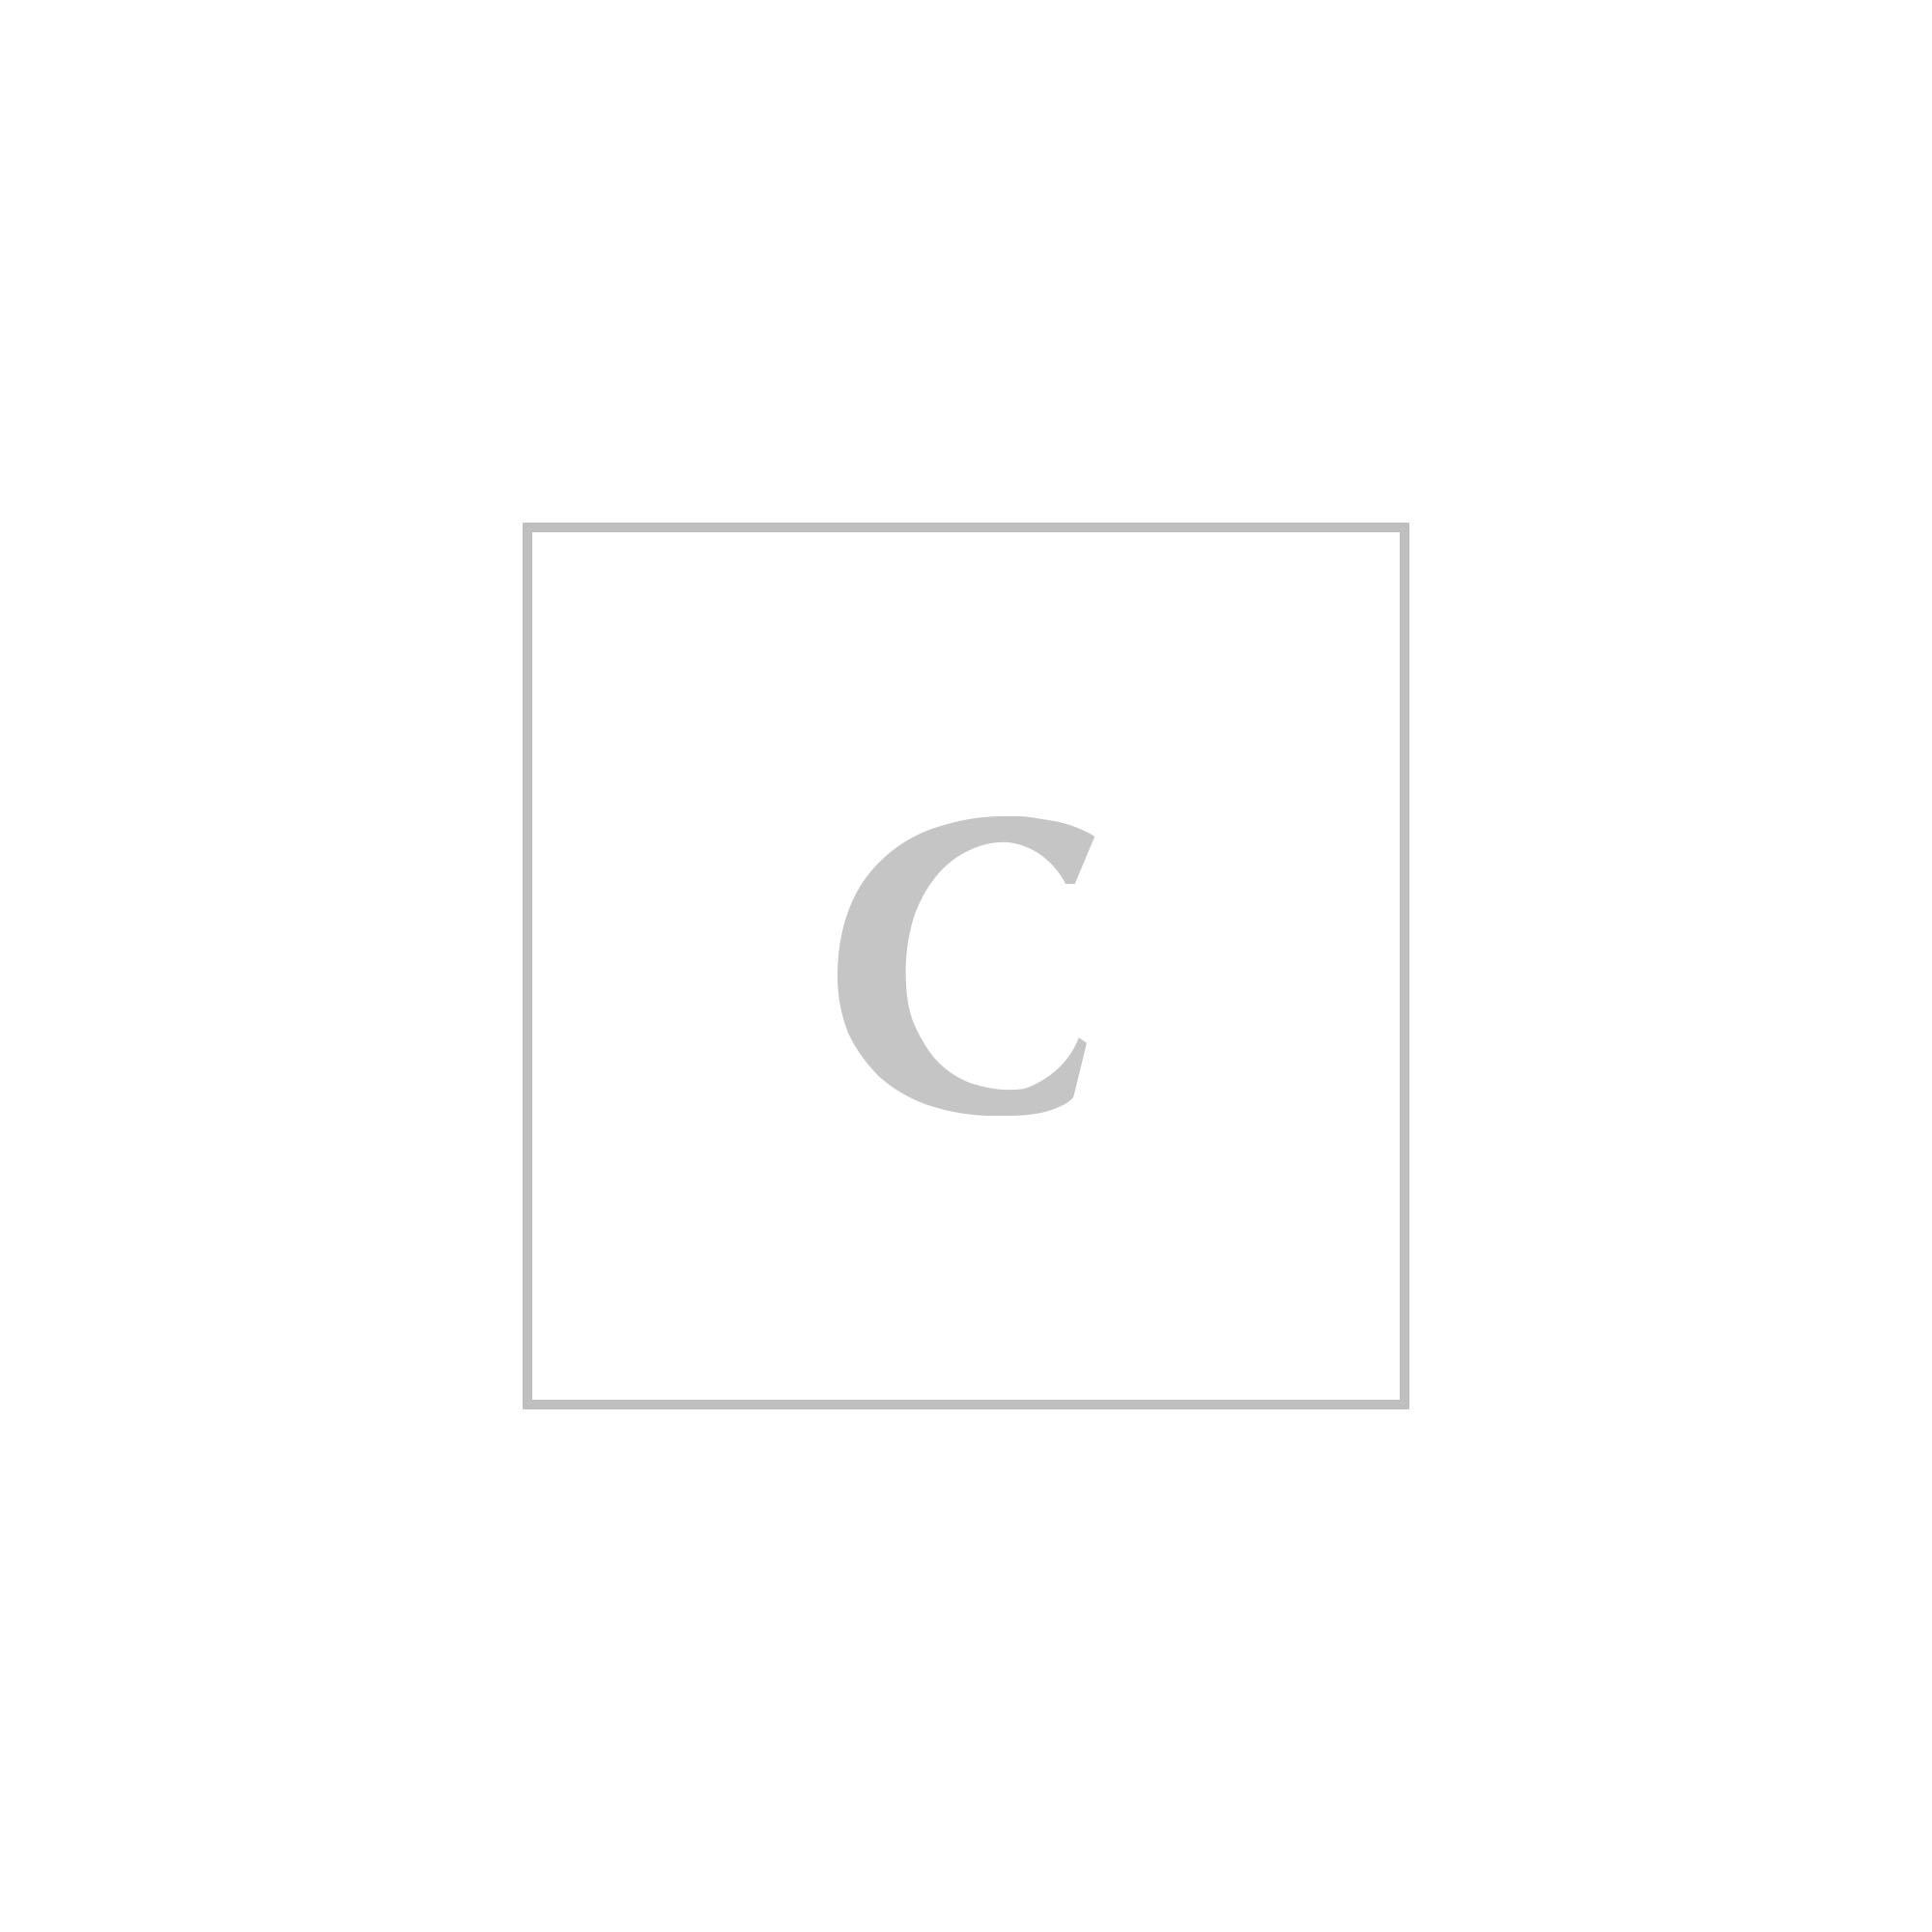 Dolce & gabbana stivaletto michelangelo